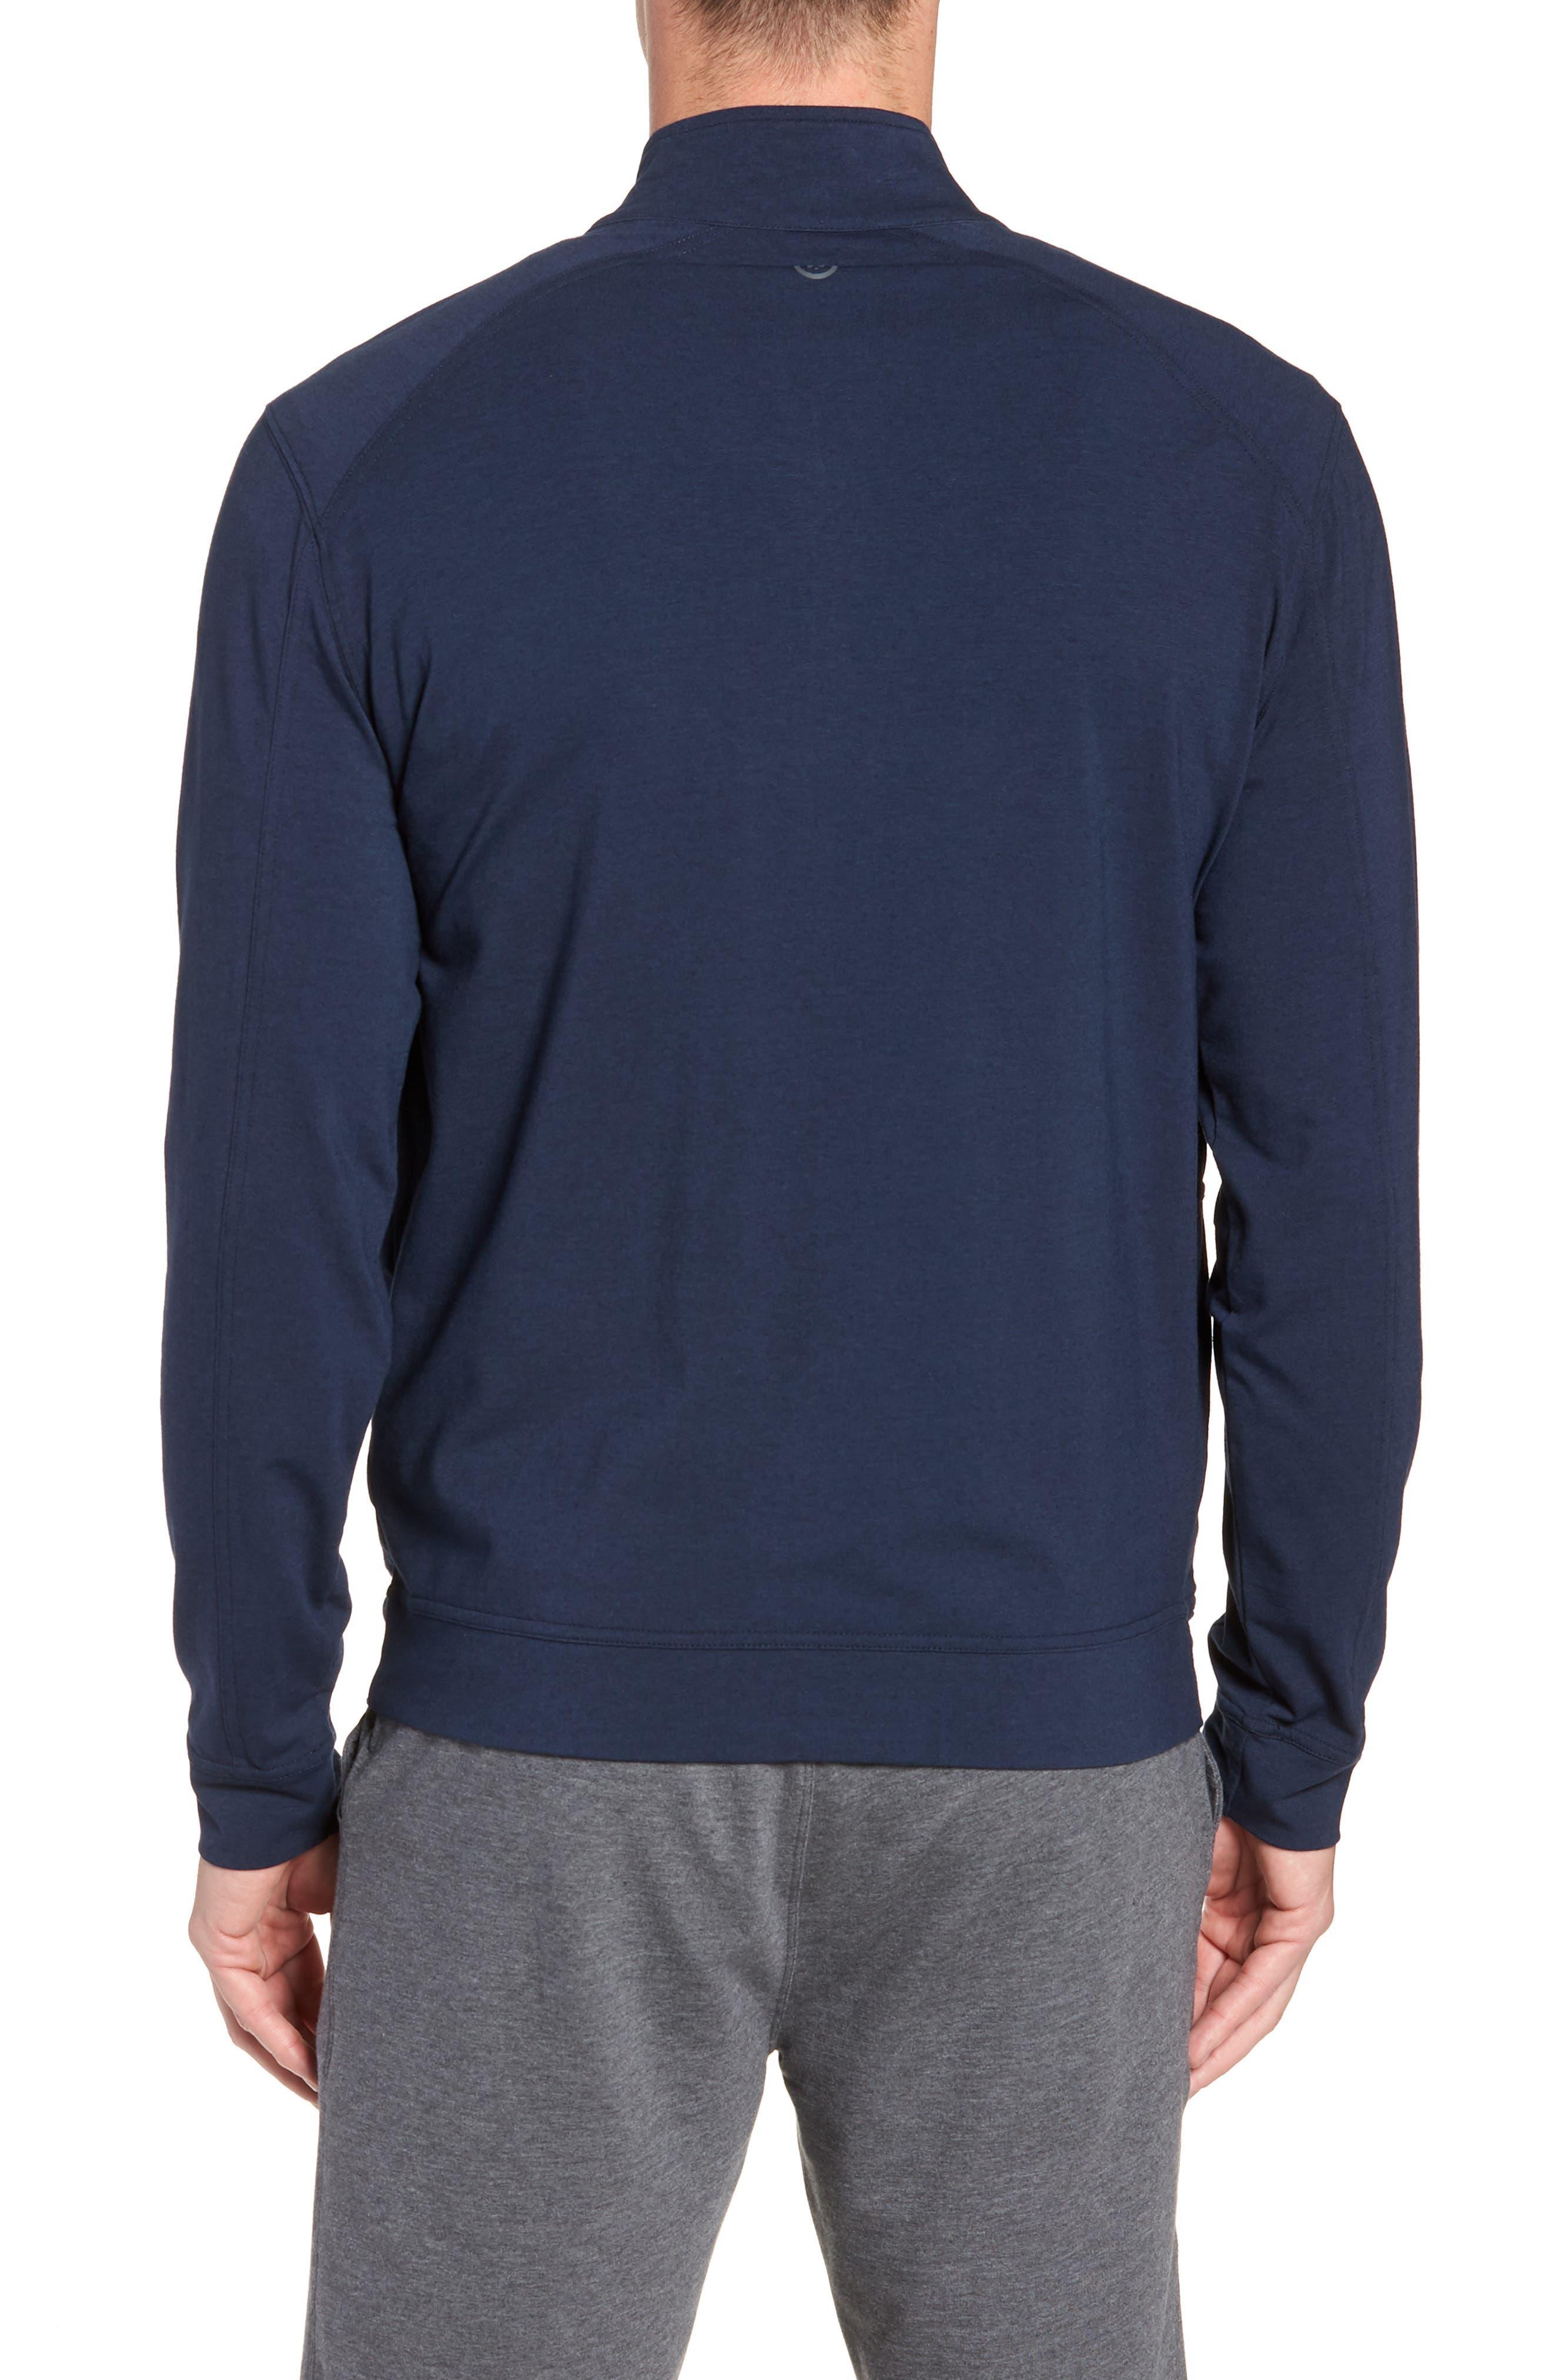 TASC PERFORMANCE,                             Carrollton Zip Jacket,                             Alternate thumbnail 2, color,                             CLASSIC NAVY